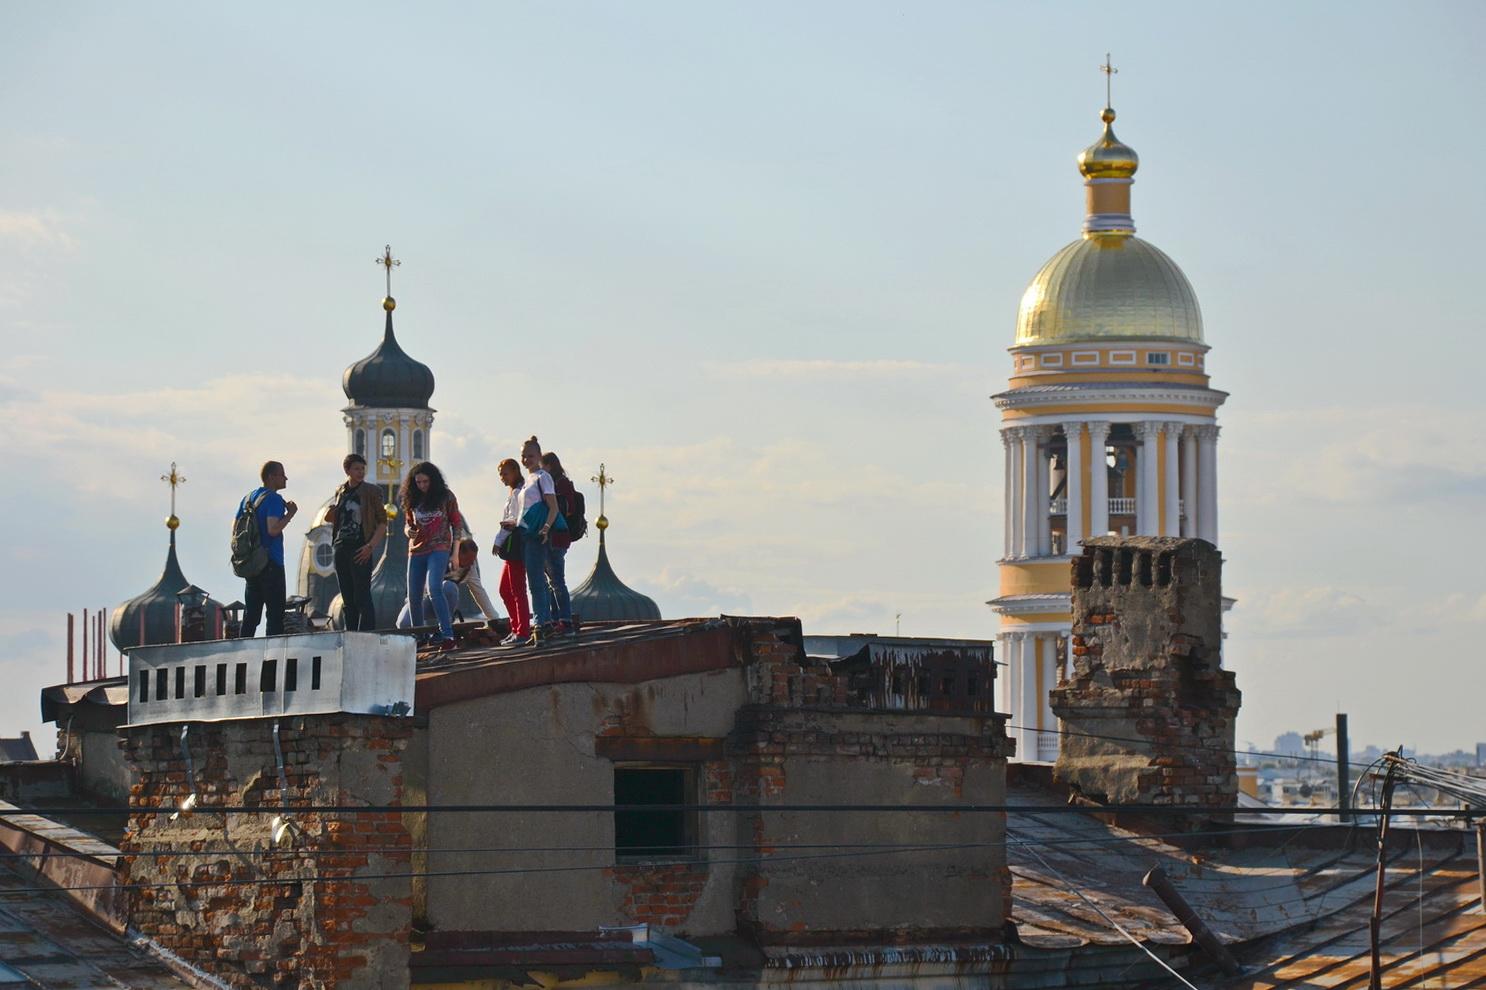 Экскурсия по крышам спб